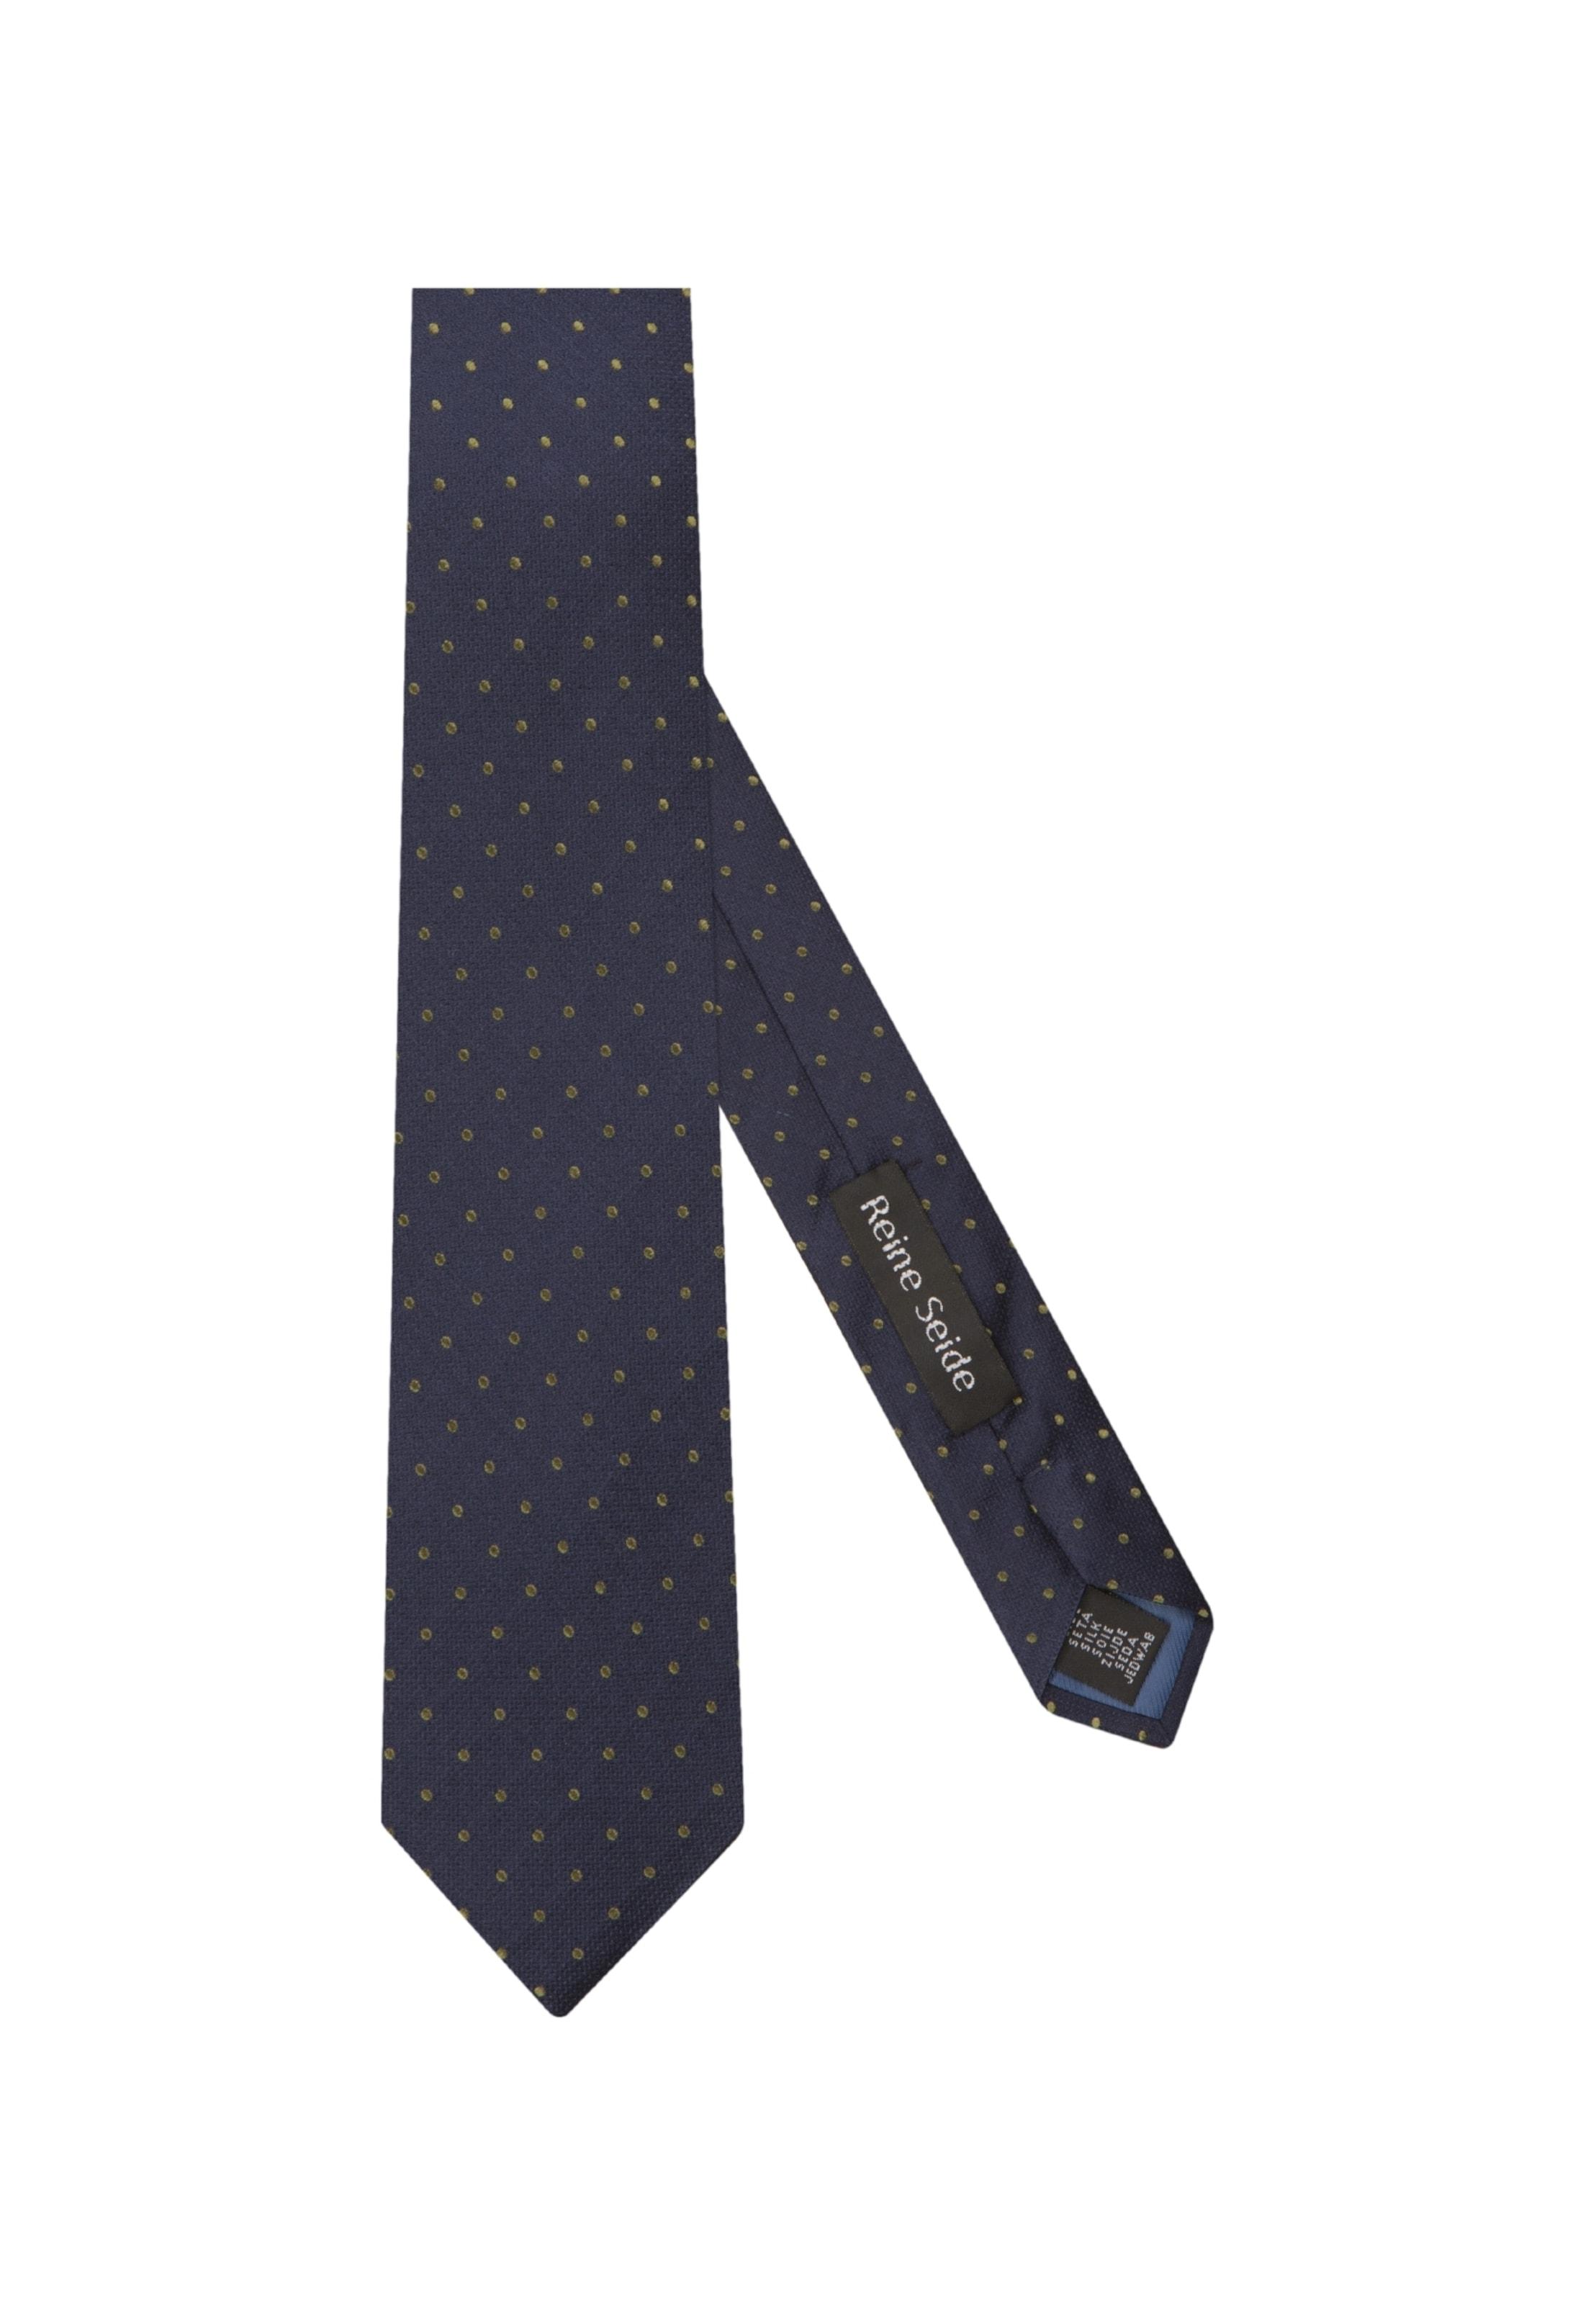 In Krawatte Seidensticker Rose' KobaltblauGrün 'schwarze qSGUVMzp